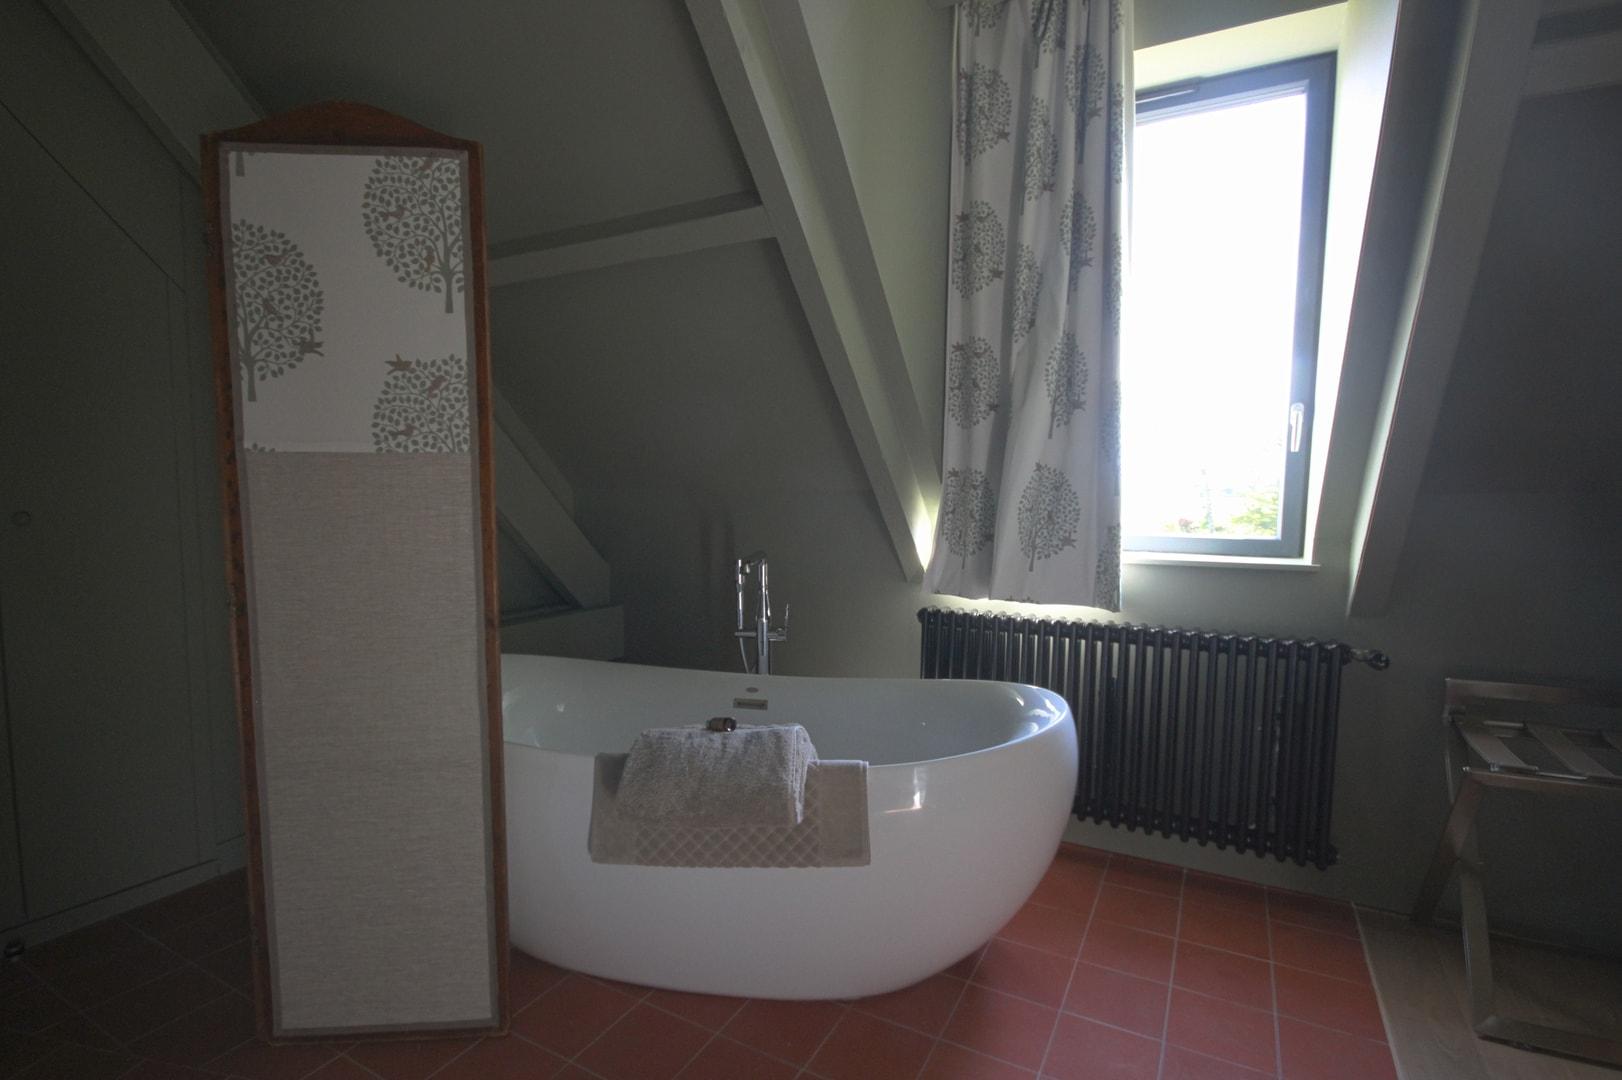 Le-coin-des-aromates-Mélisse-baignoire-ilot-photo-stephane-duboc